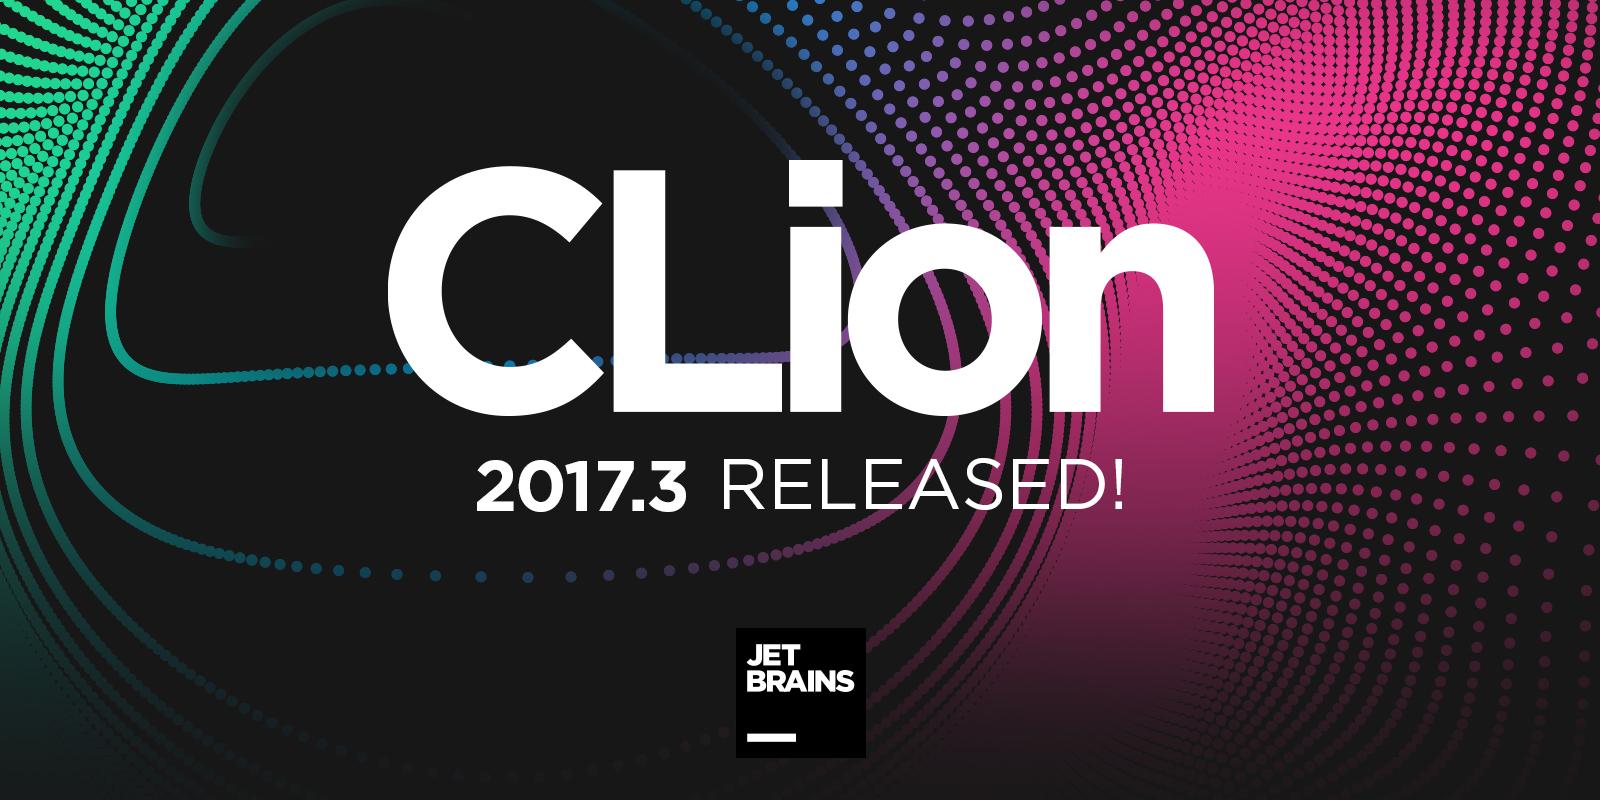 Релиз CLion 2017.3: существенные улучшения поддержки C++, интеграция с Valgrind Memcheck и Boost.Test и многое другое